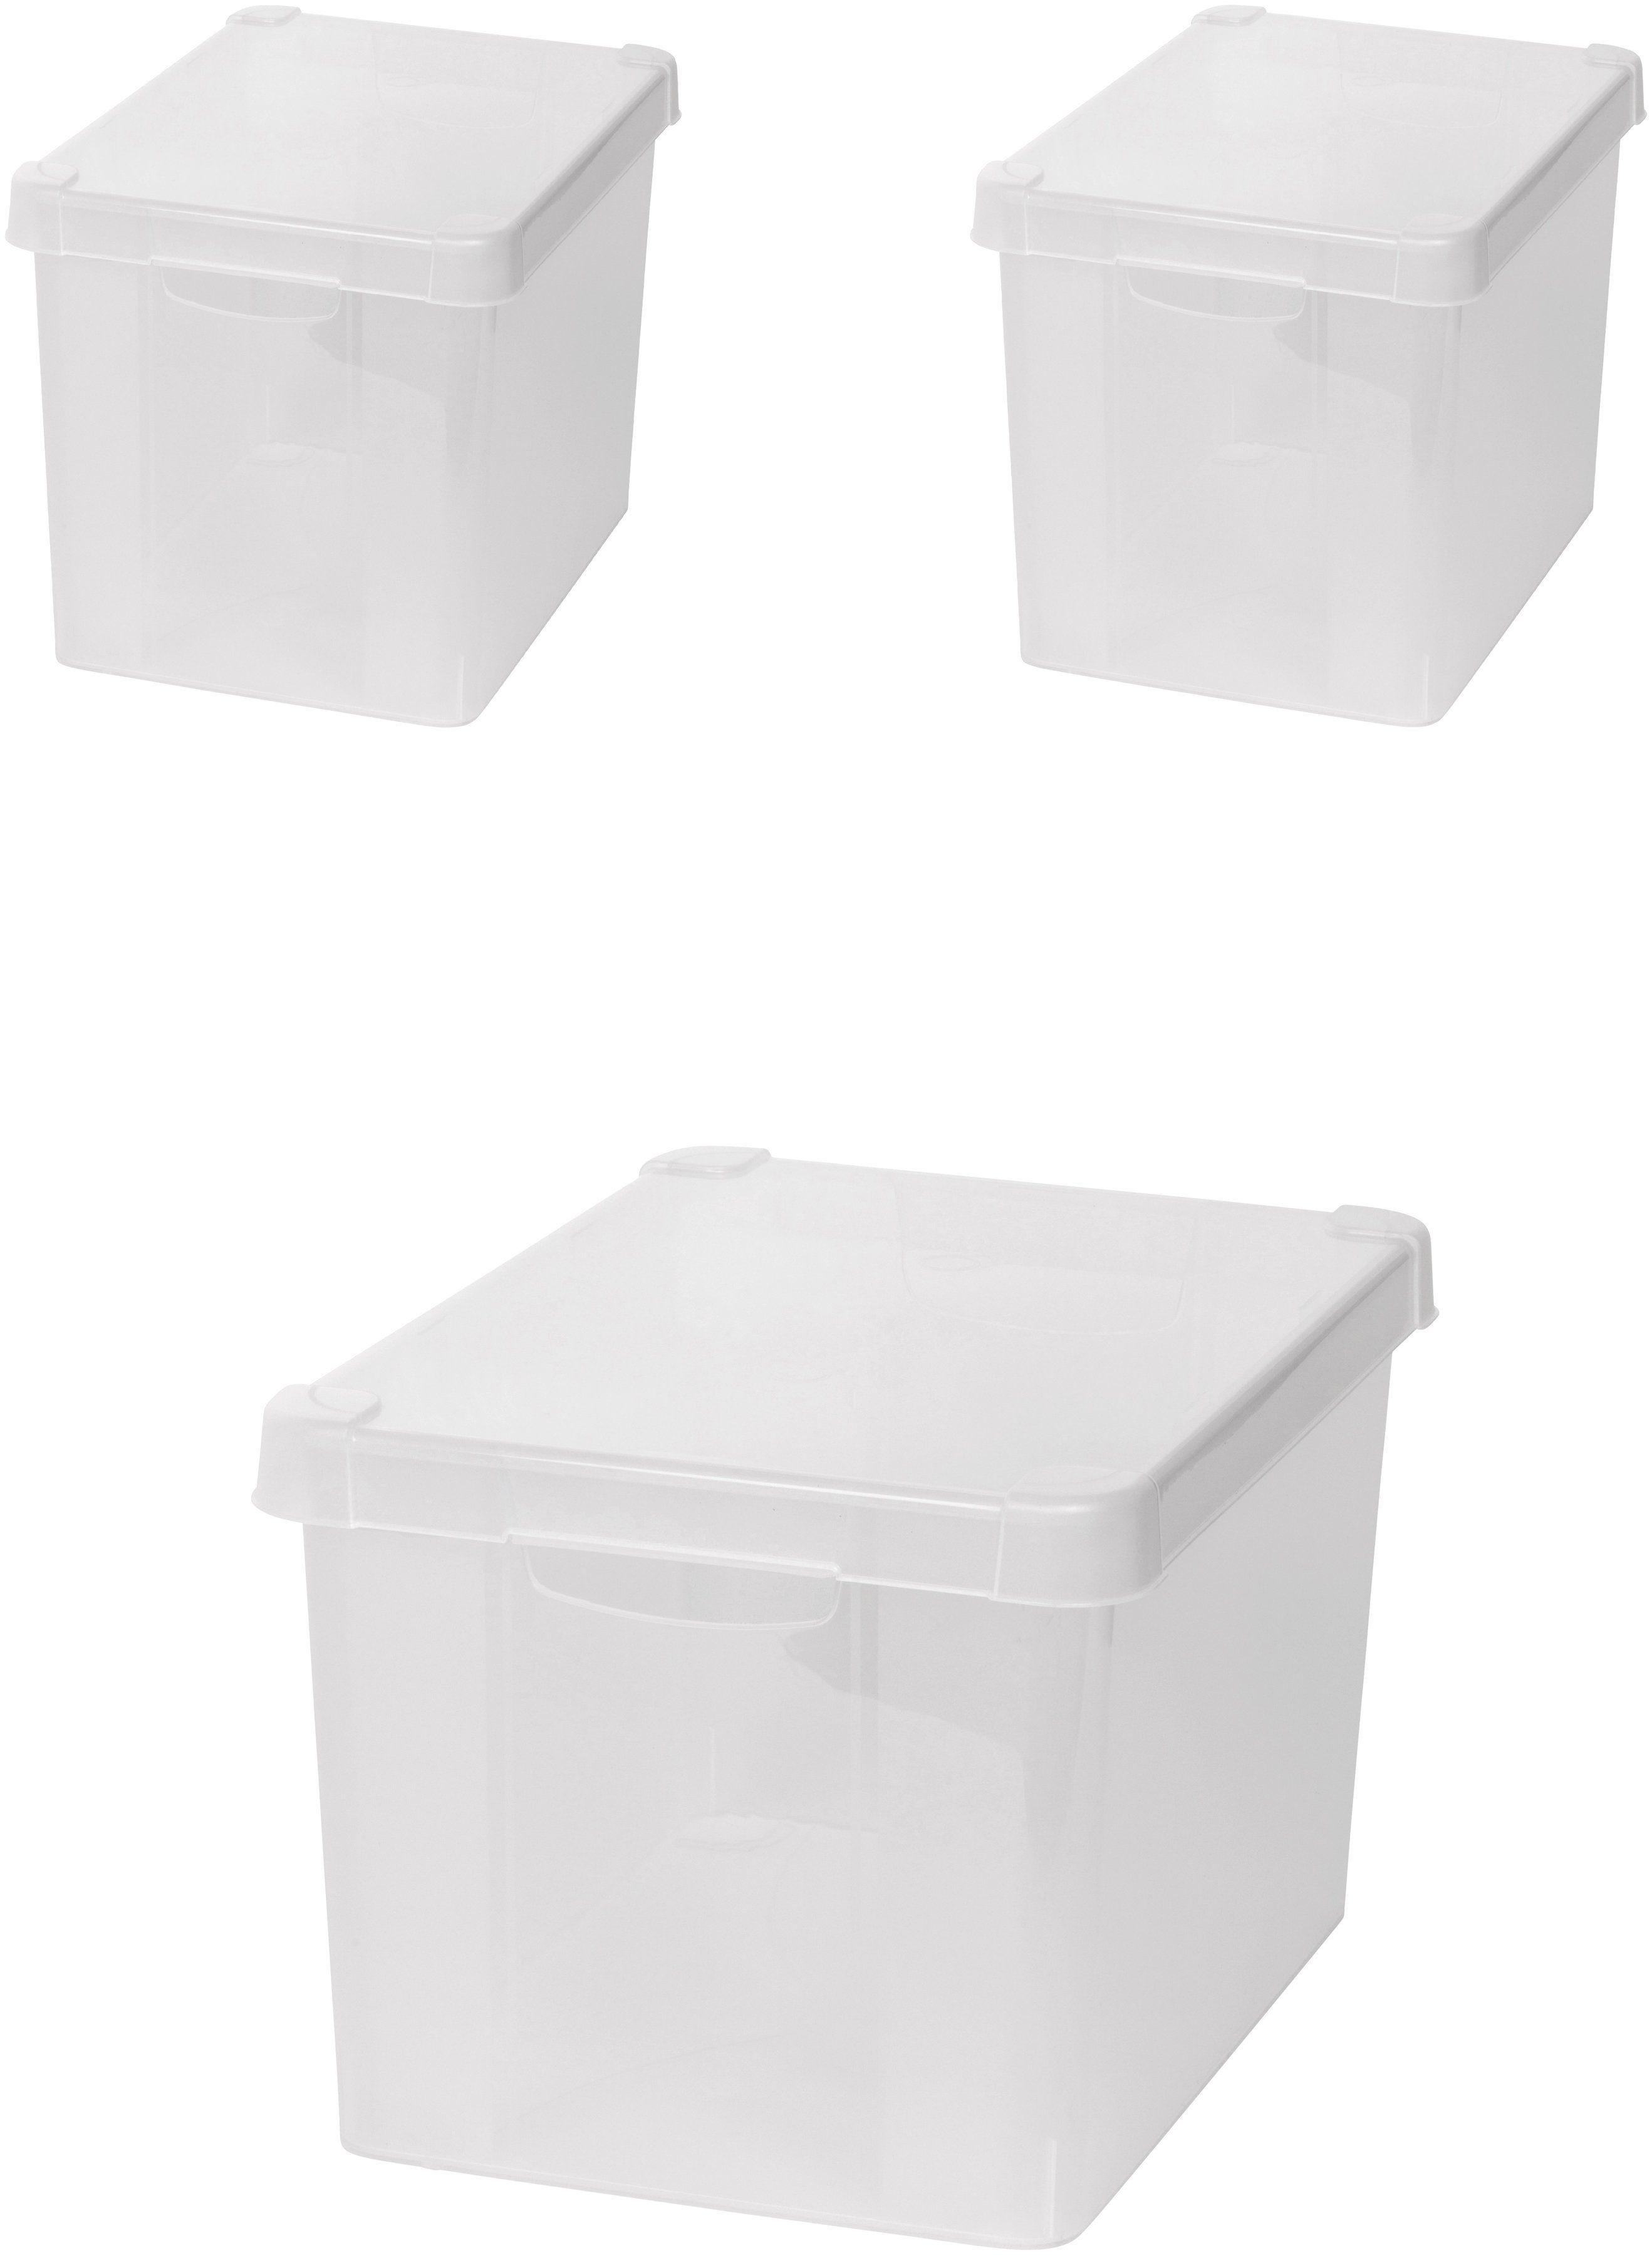 KREHER Aufbewahrungsbox »3x 20 Liter, mit Deckel« 3er Set